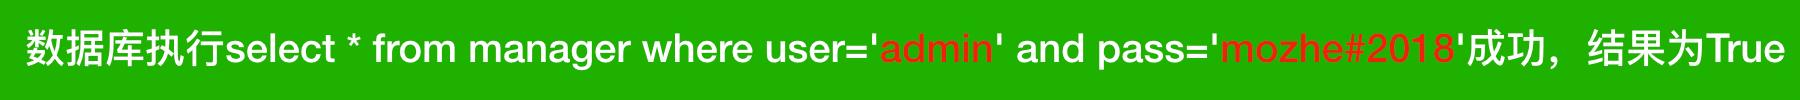 数据库执行select * from manager where user='admin' and pass='mozhe#2018'成功,结果为True